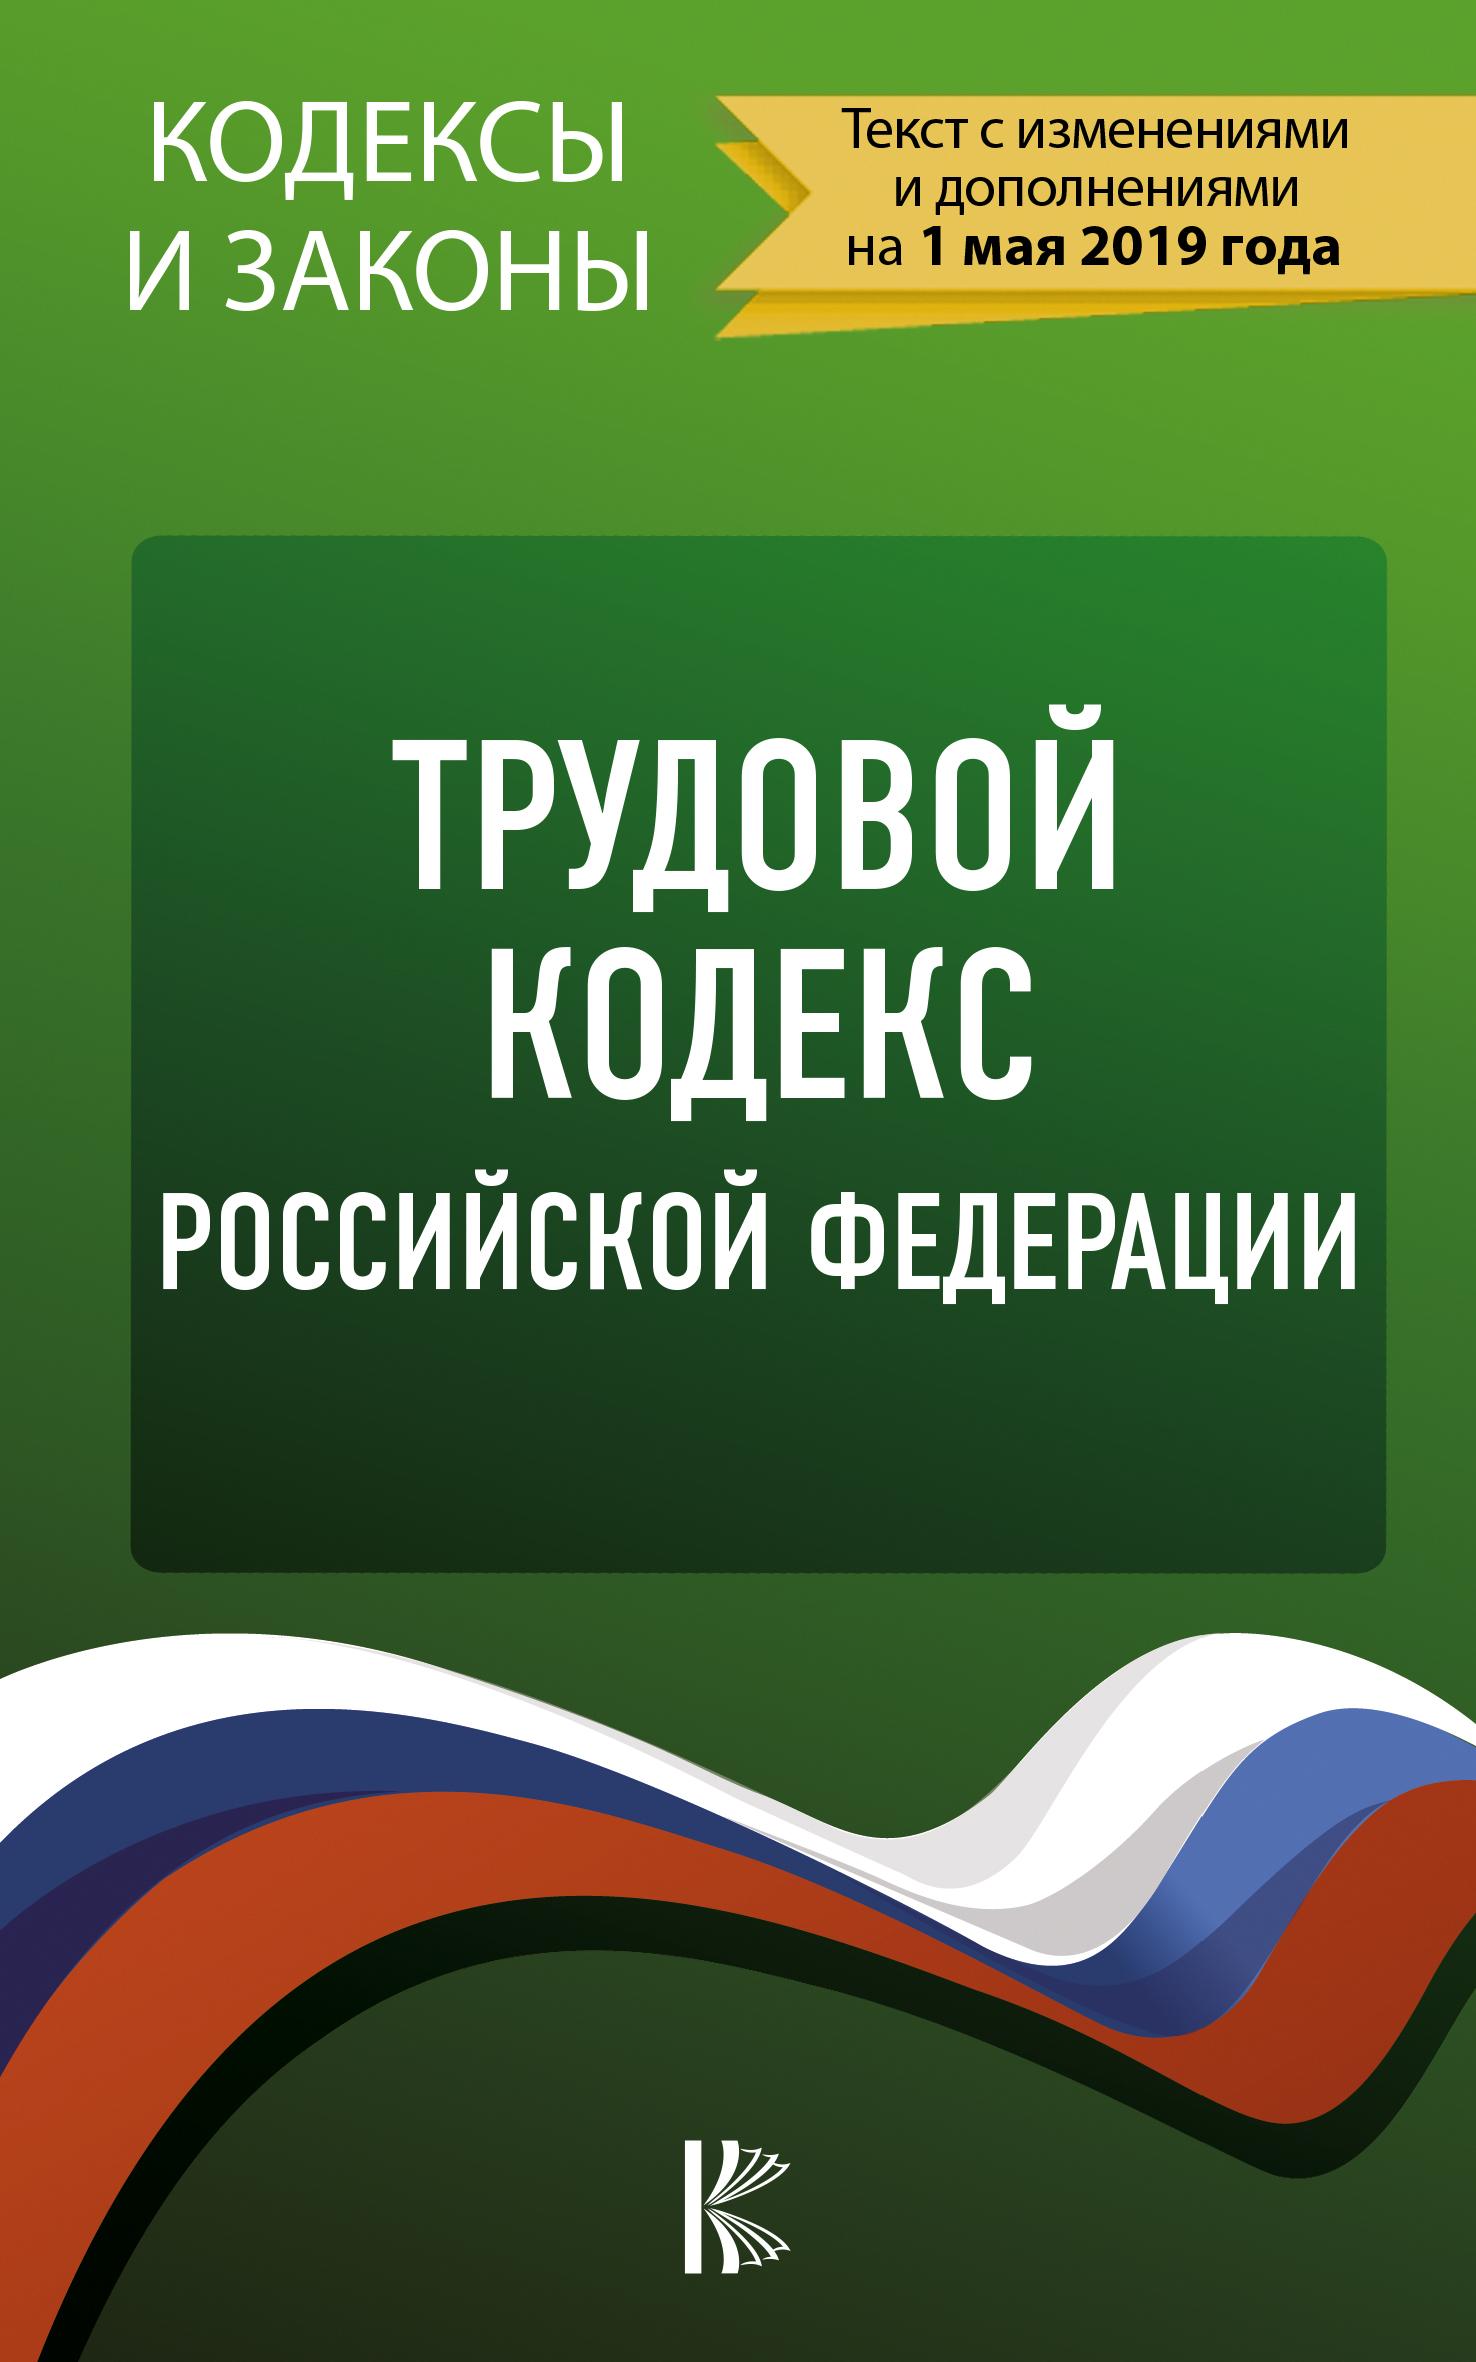 . Трудовой Кодекс Российской Федерации на 1 мая 2019 года